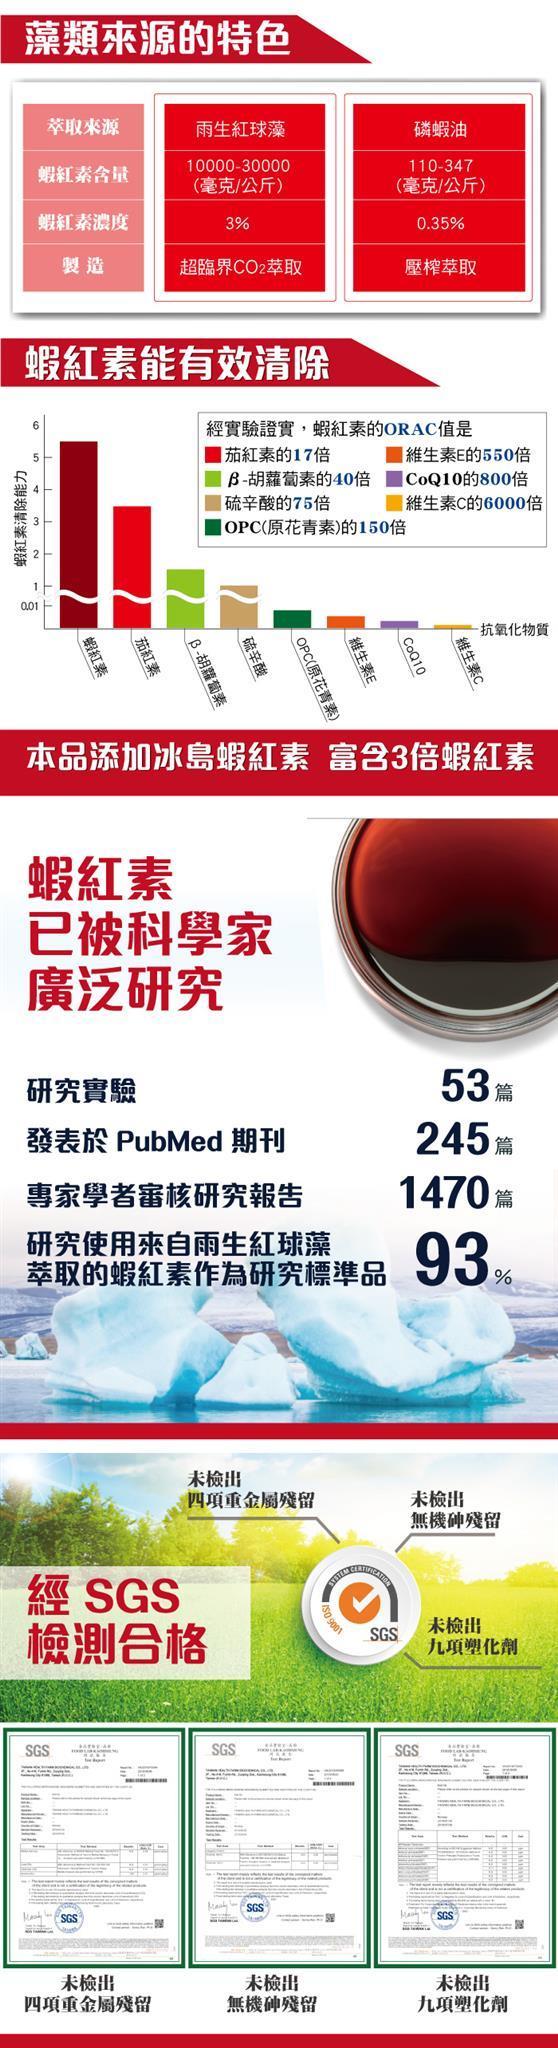 台灣康田-南極磷蝦油(30粒)產品資訊